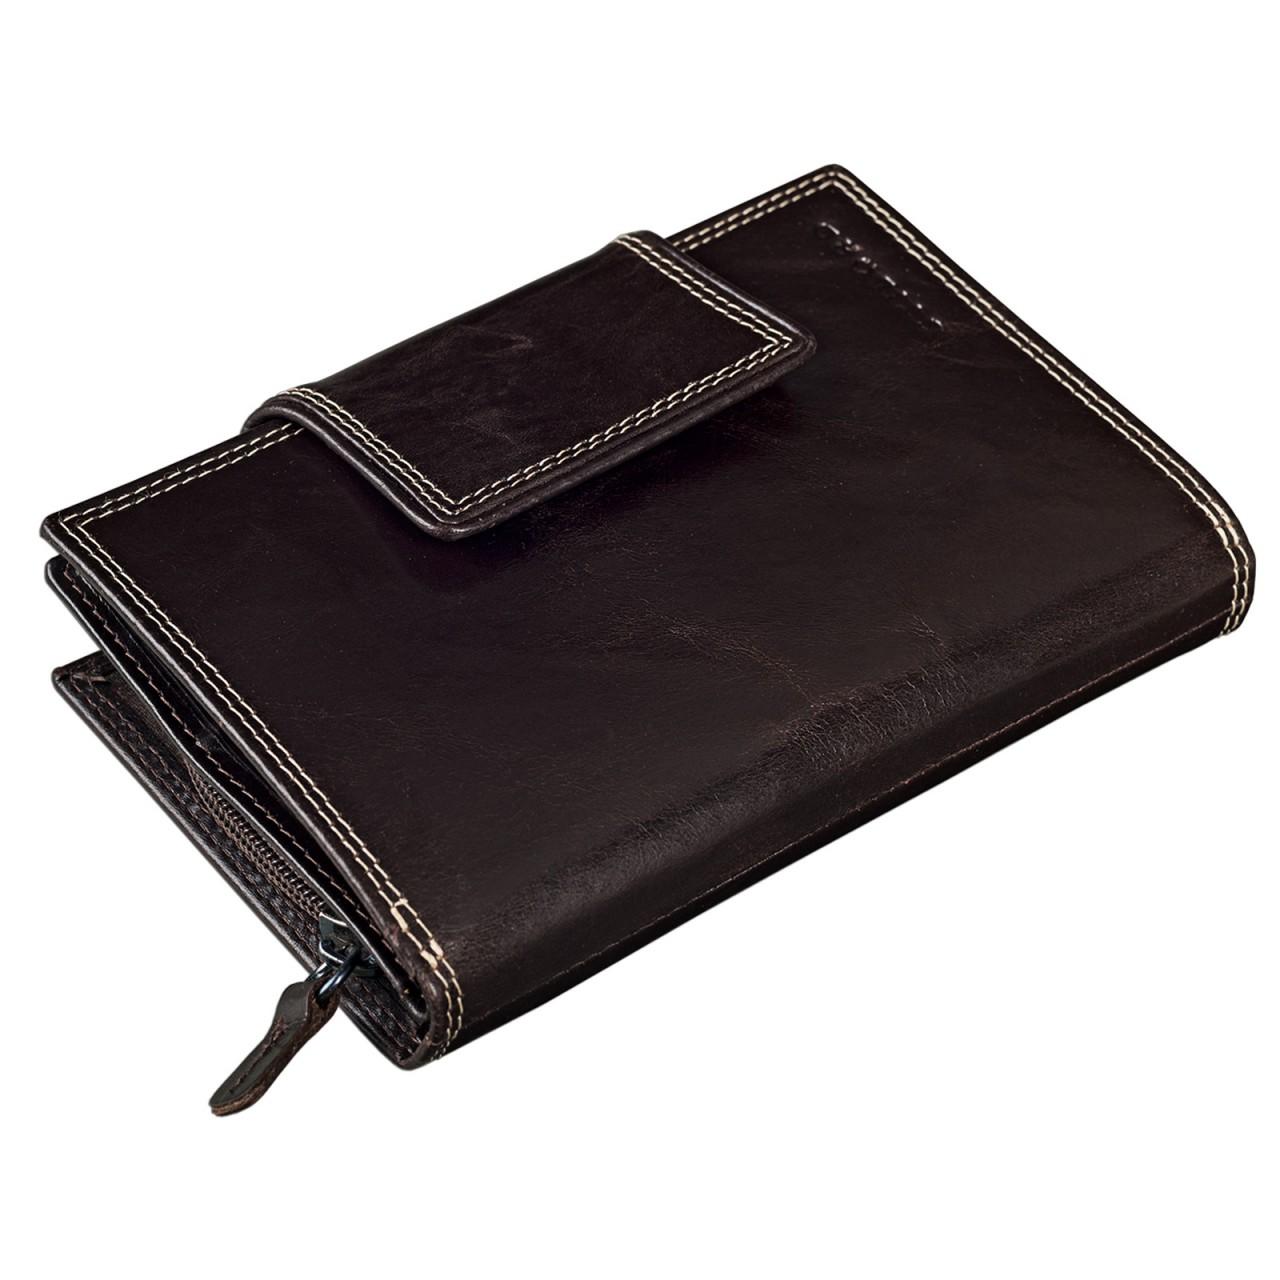 STILORD Leder Portemonnaie groß Geldbörse 8 x EC viele Fächer 2 x Kleingeldfach Reißverschluss Damen Kellnerbörse braun - Bild 1